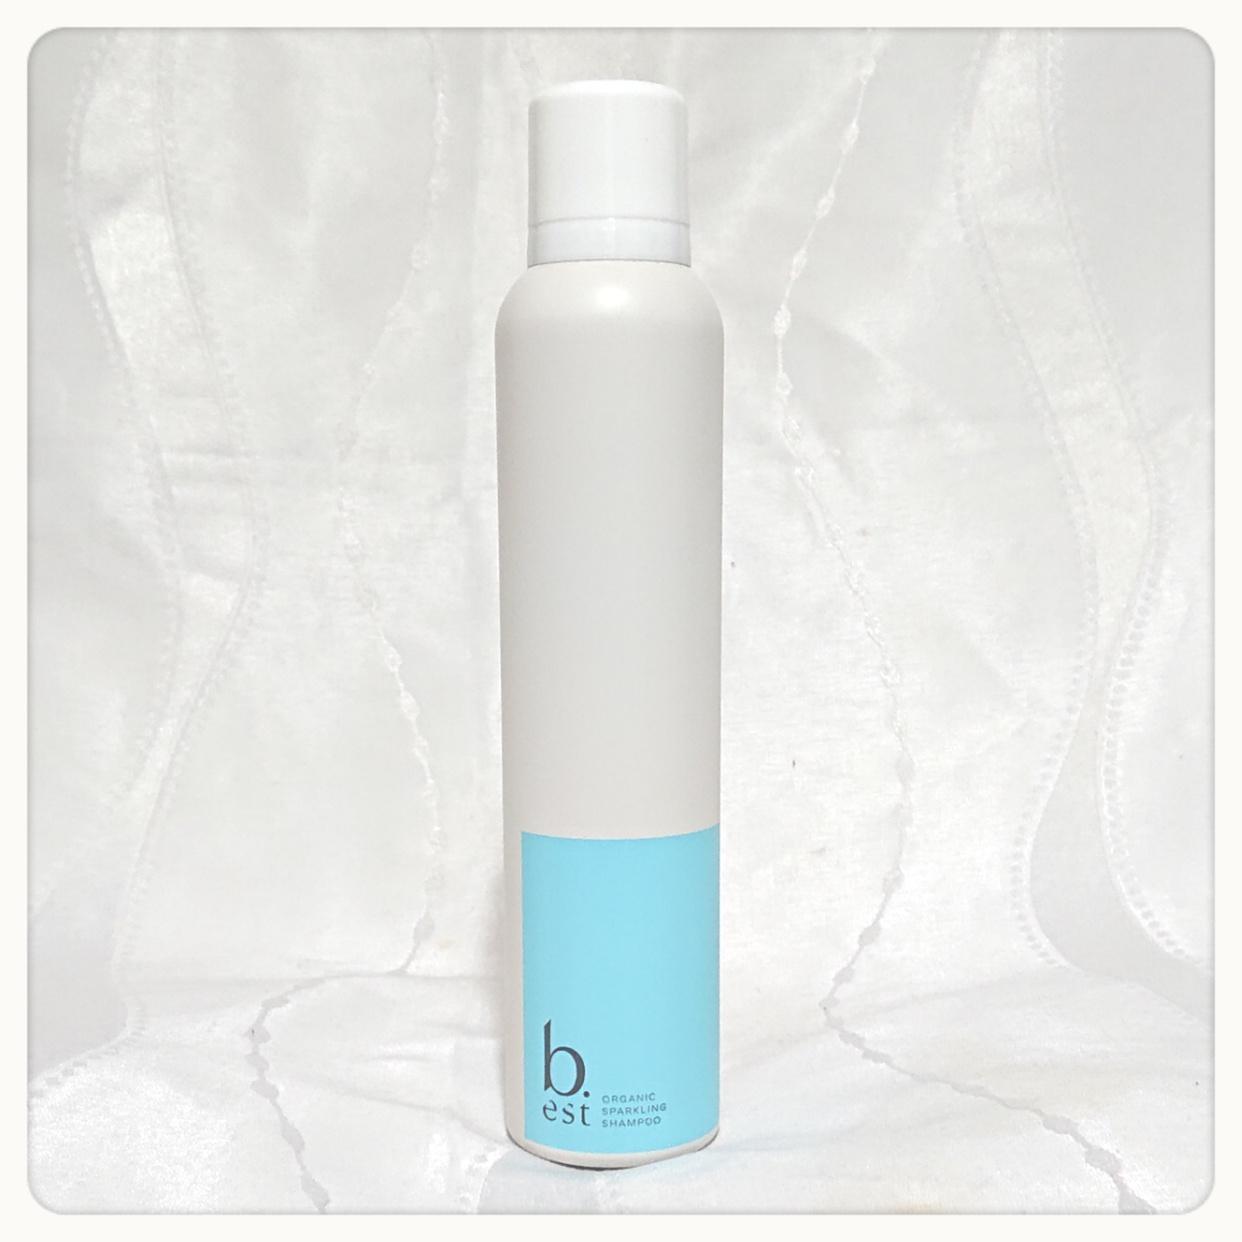 b.est(ビーエスト) organic sparkling shampooを使ったnakoさんのクチコミ画像1